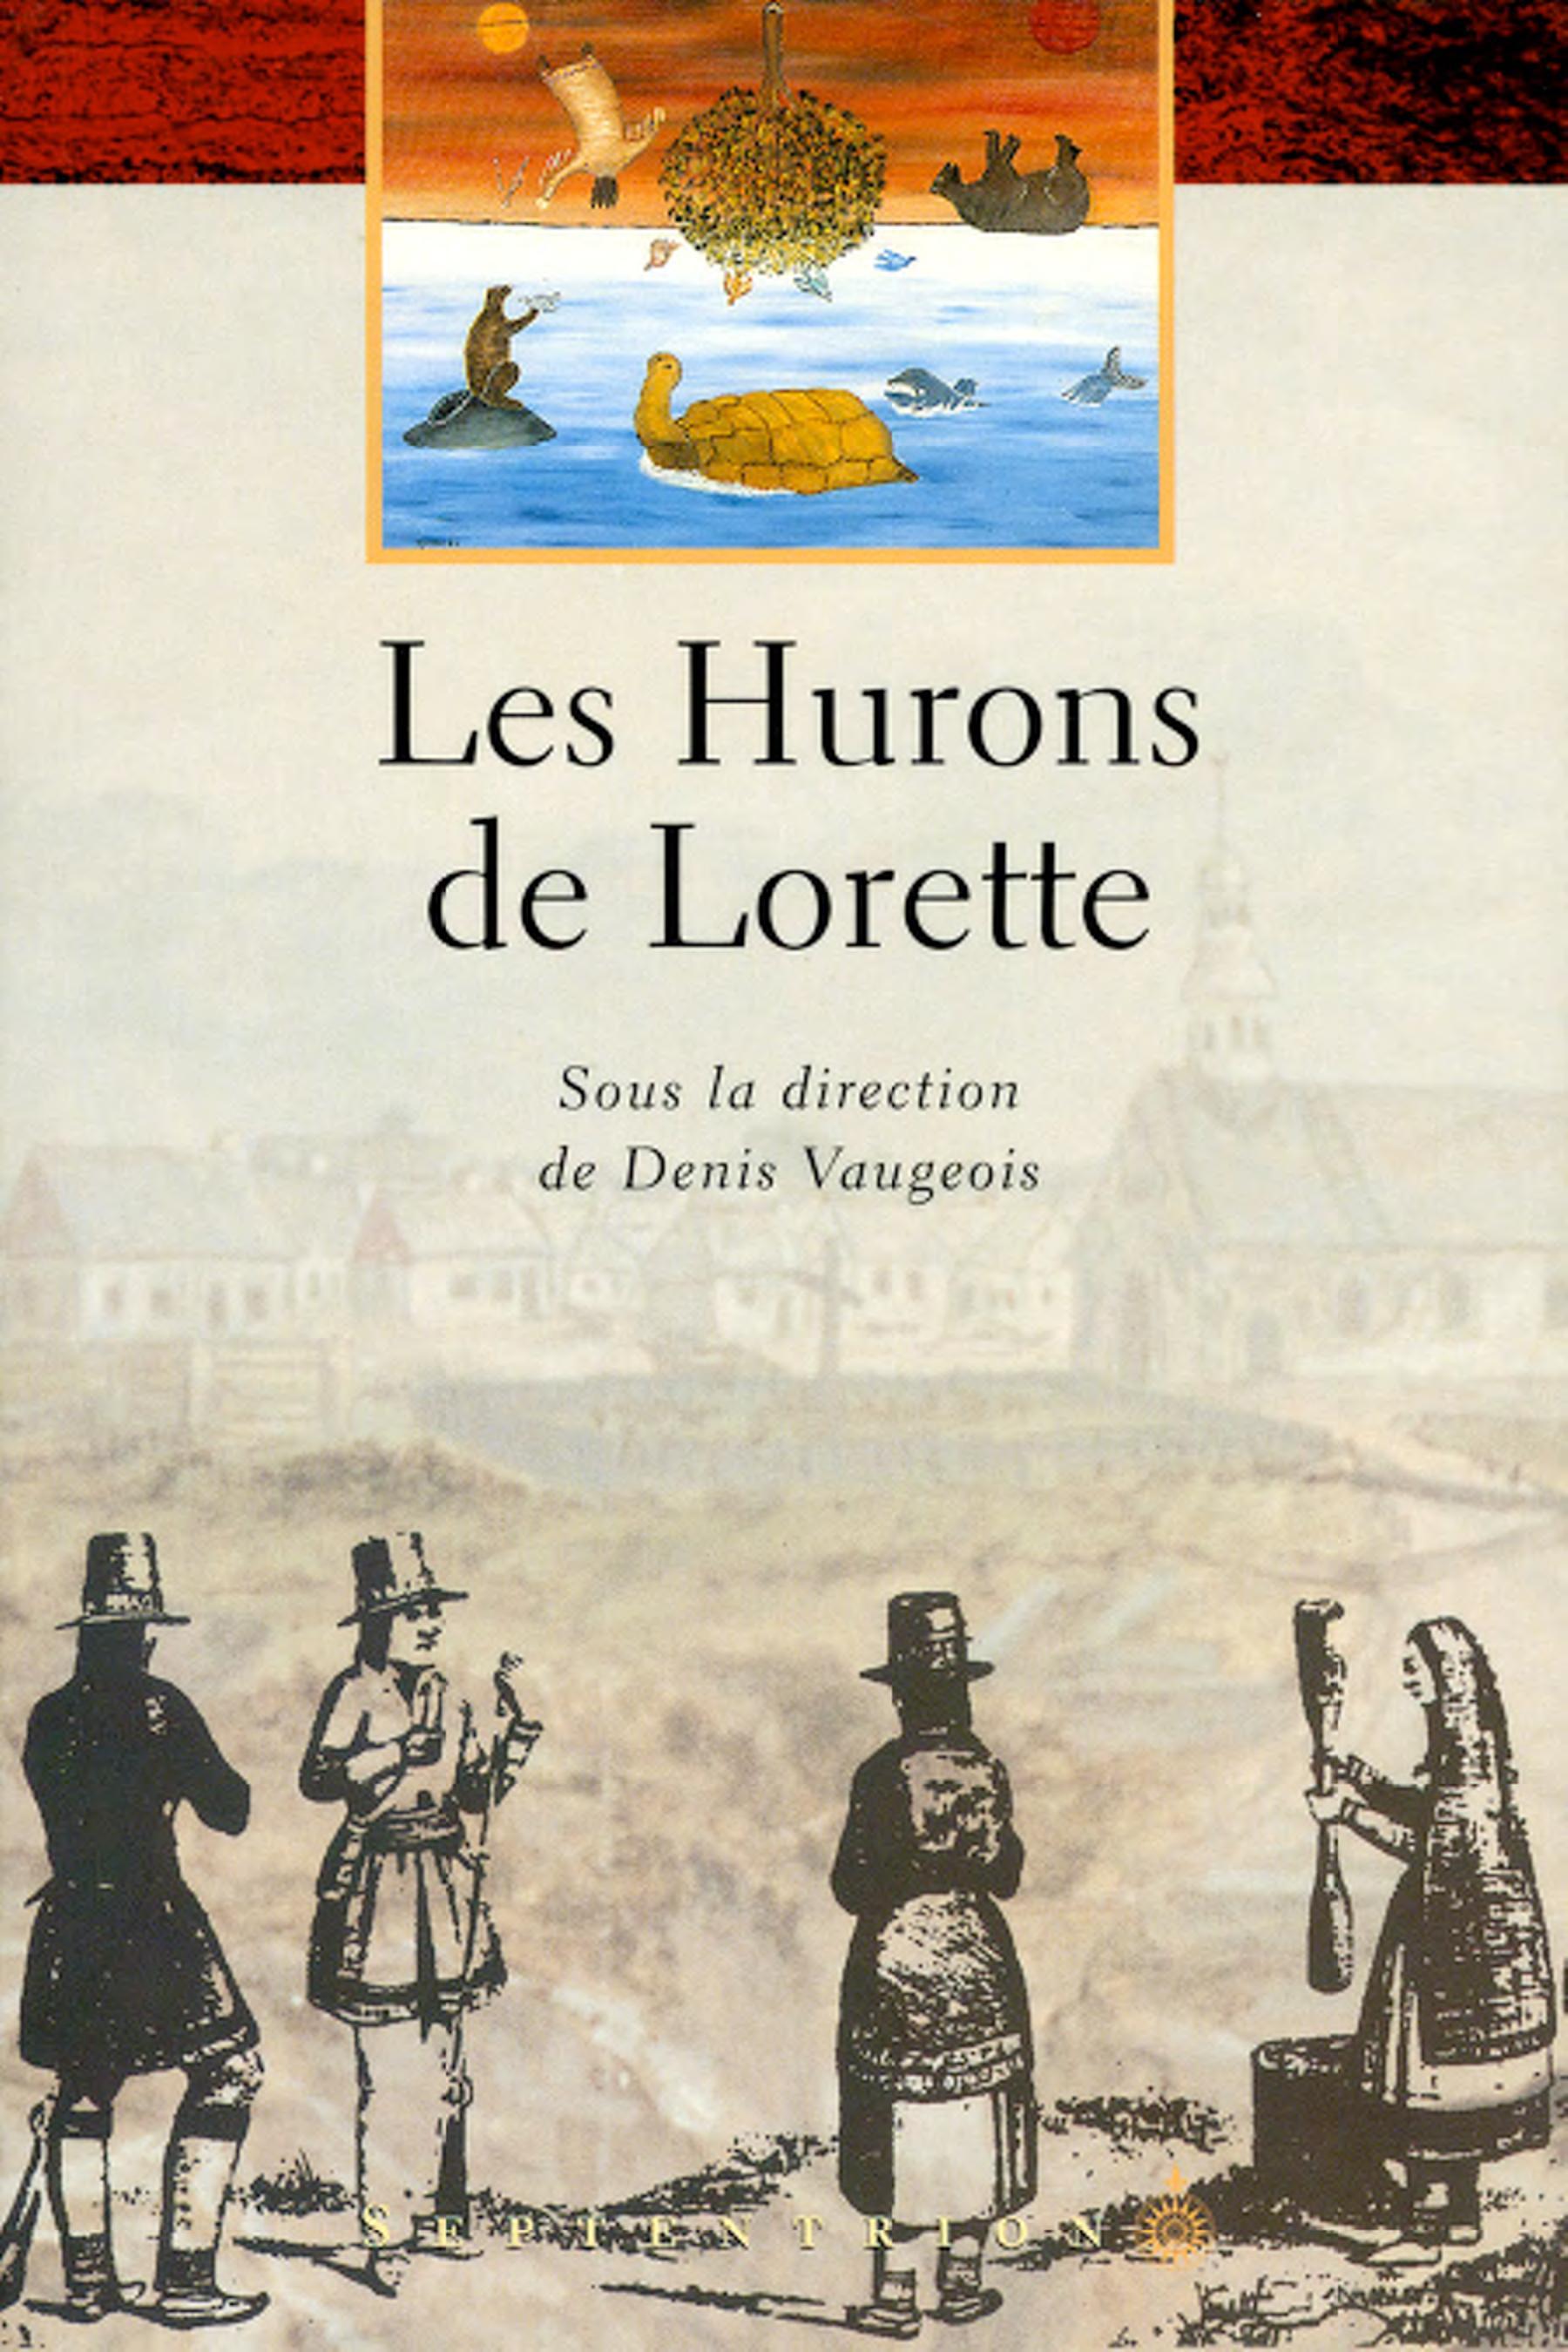 Les Hurons de Lorette